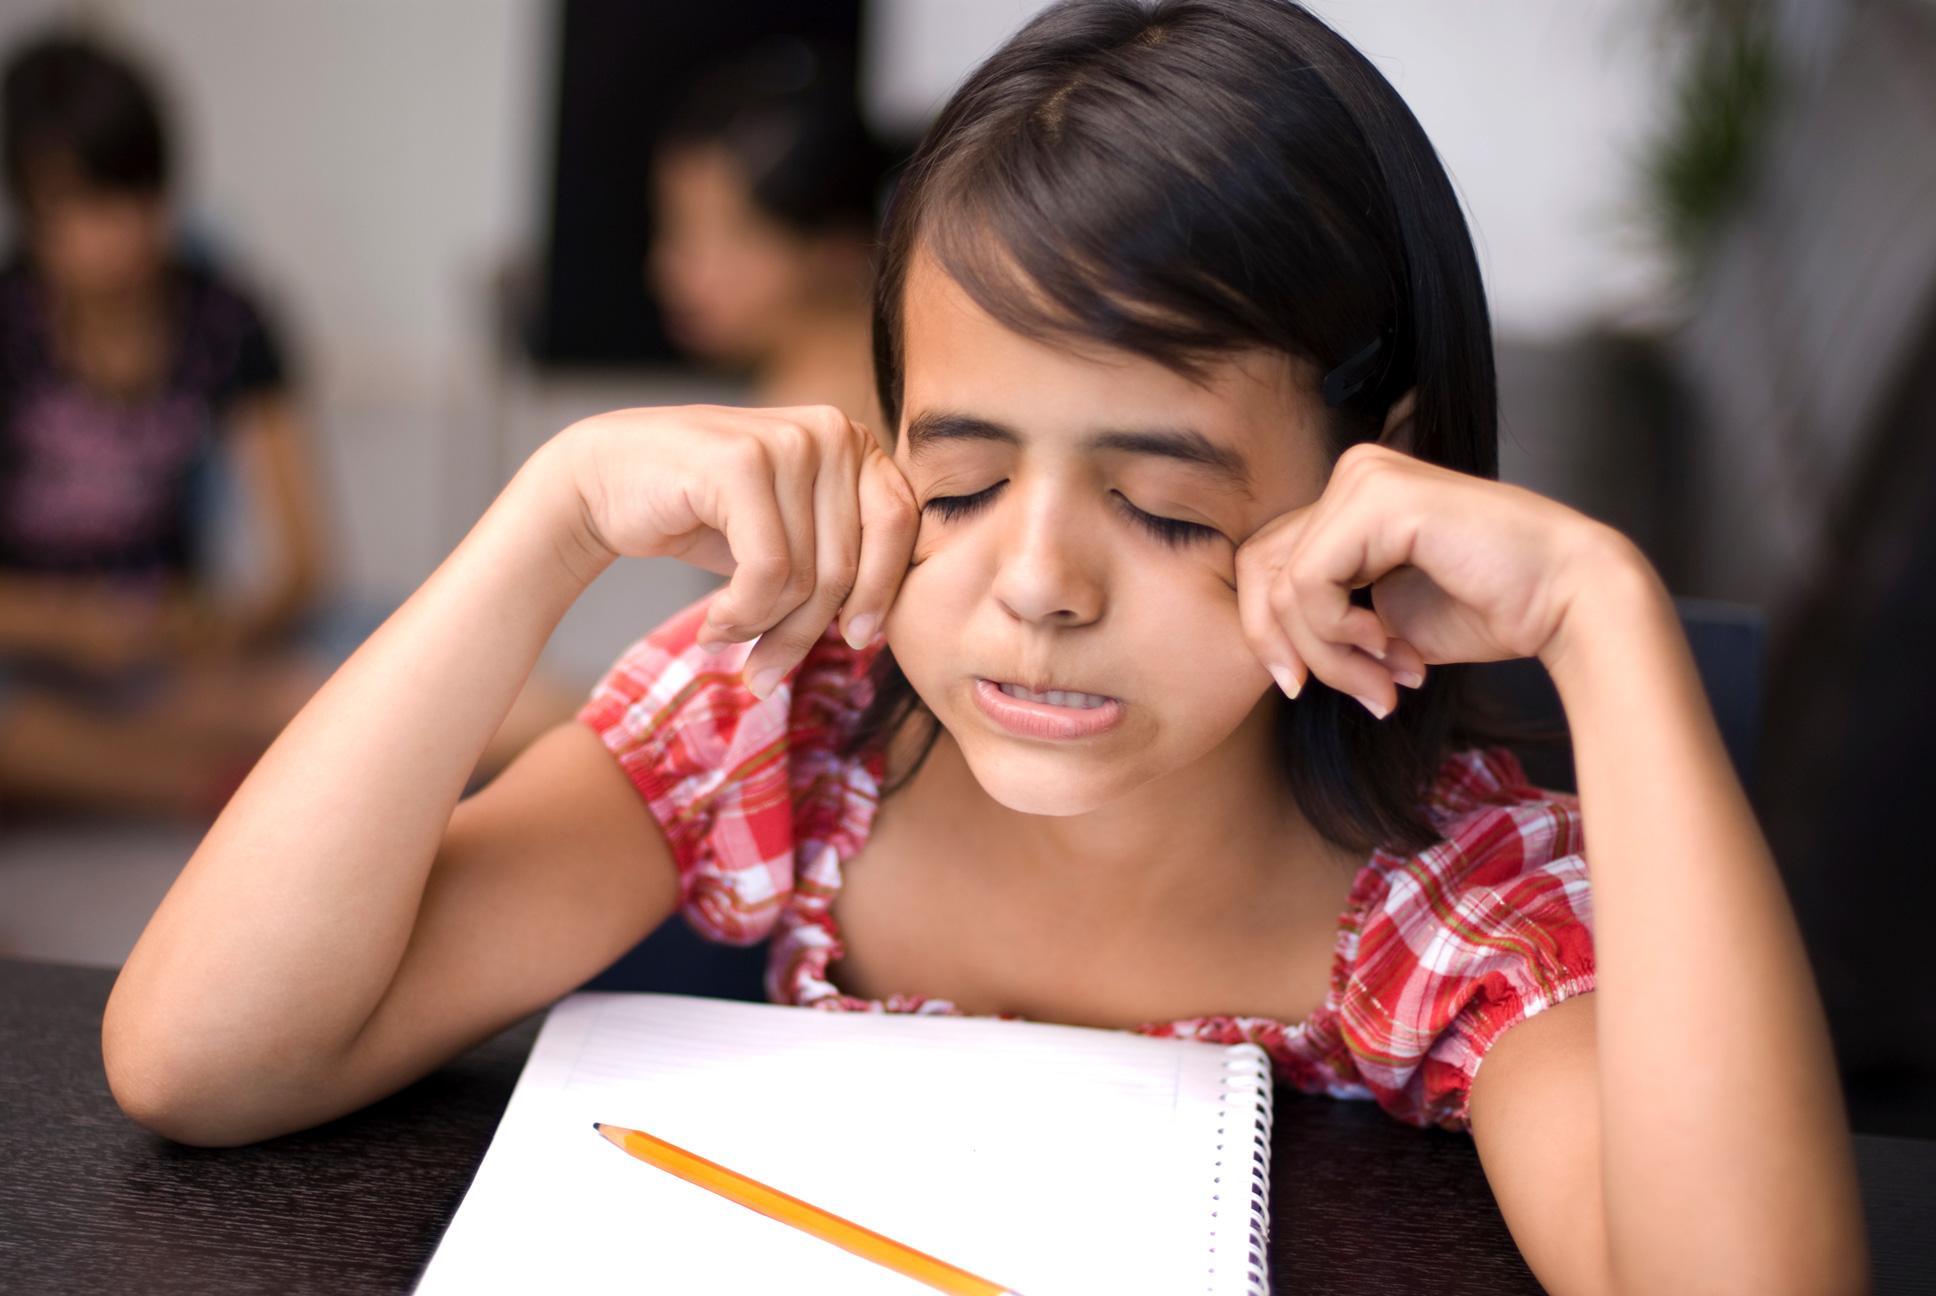 4 Ways to Help Children Regulate Their Emotions